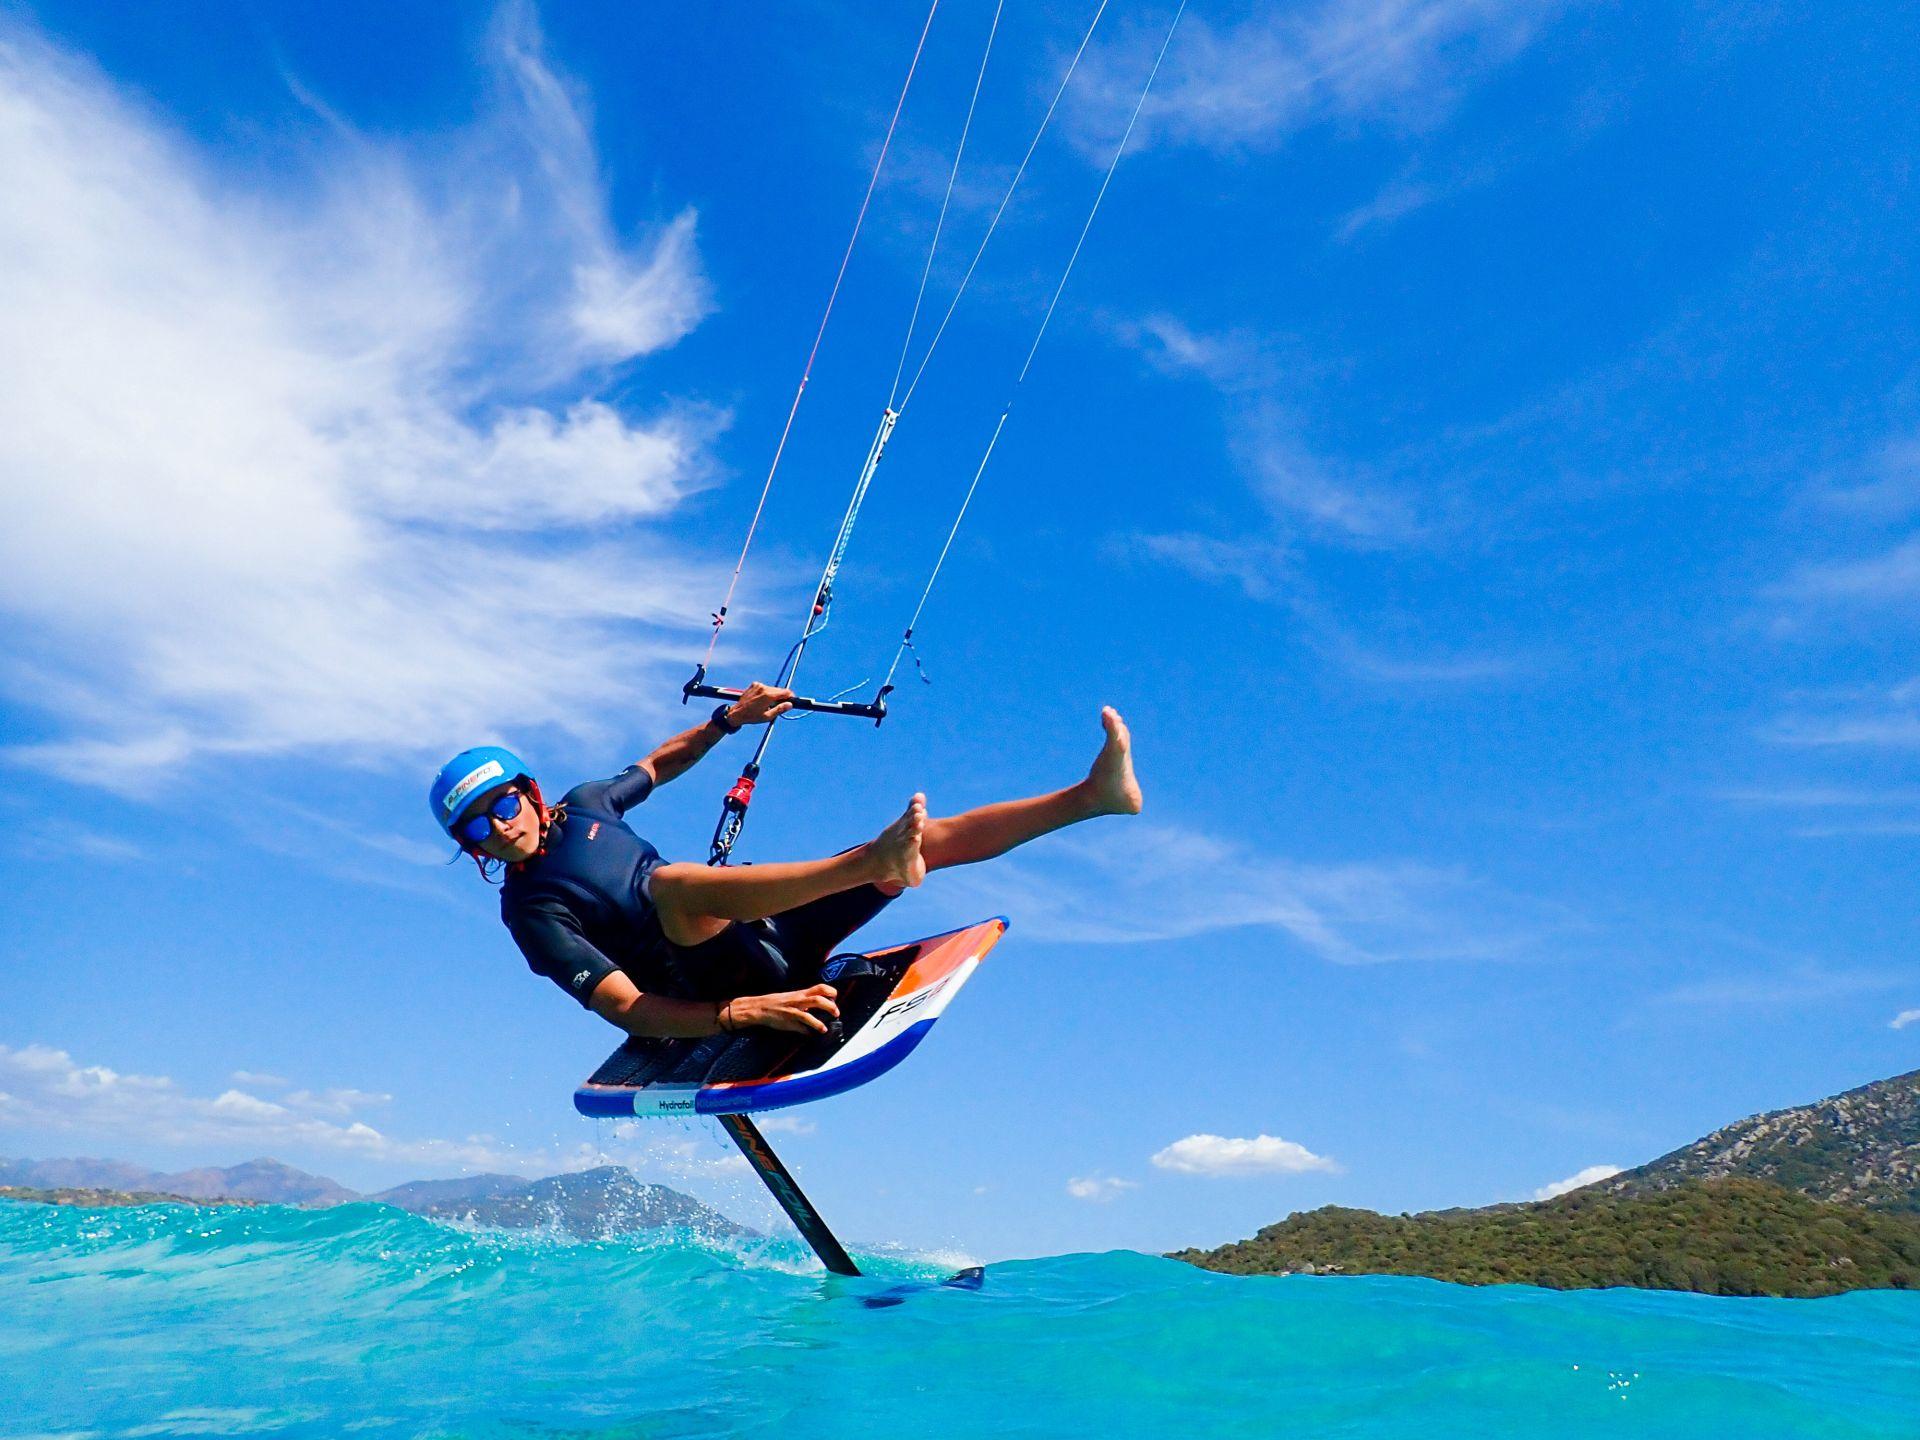 Kitefoil windfoil alpinefoil 8130739